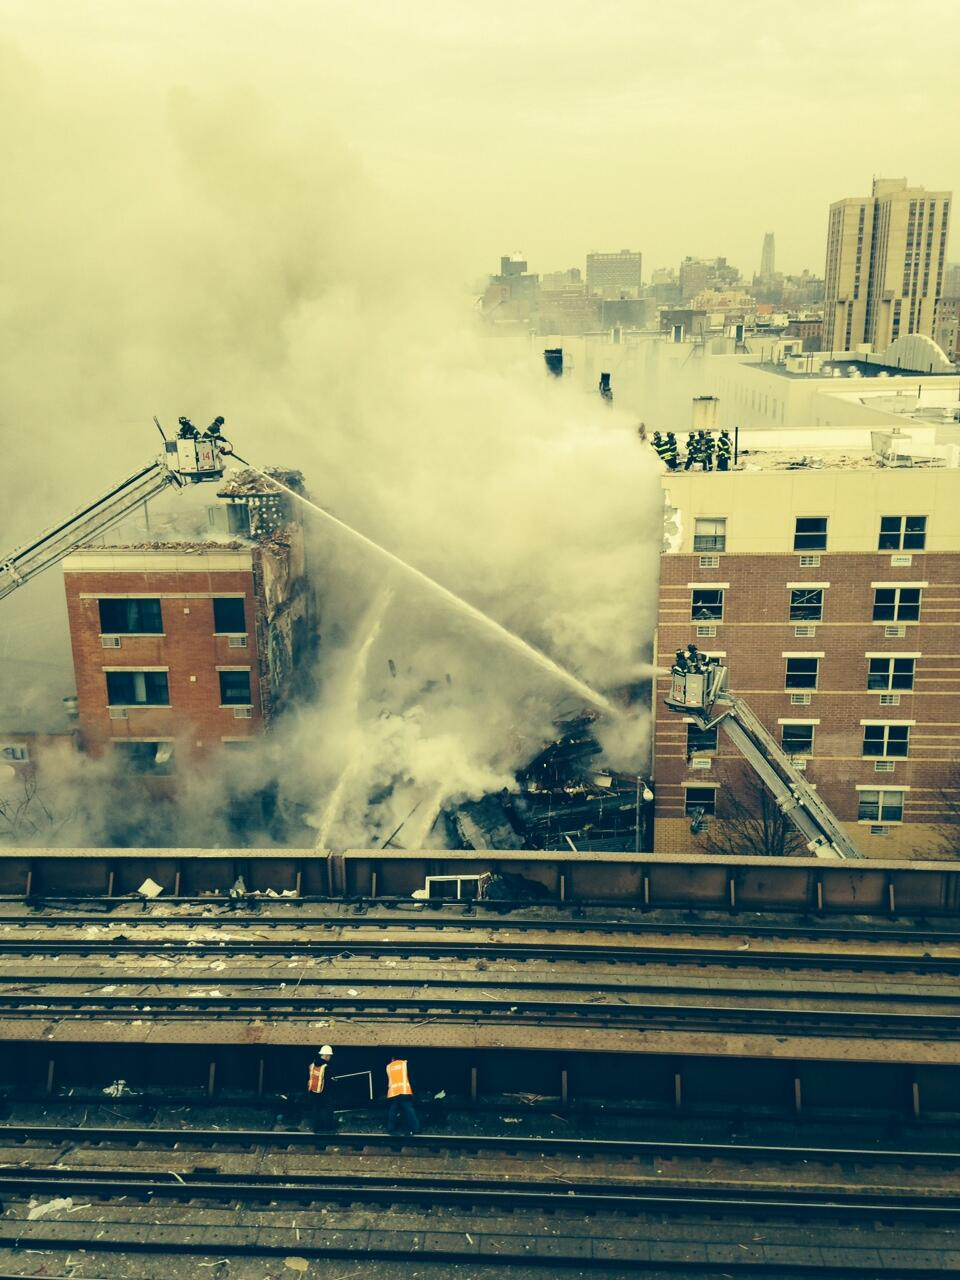 Bombeiros cobatem o fogo em prédio em Nova Iorque que ruiu após explosão